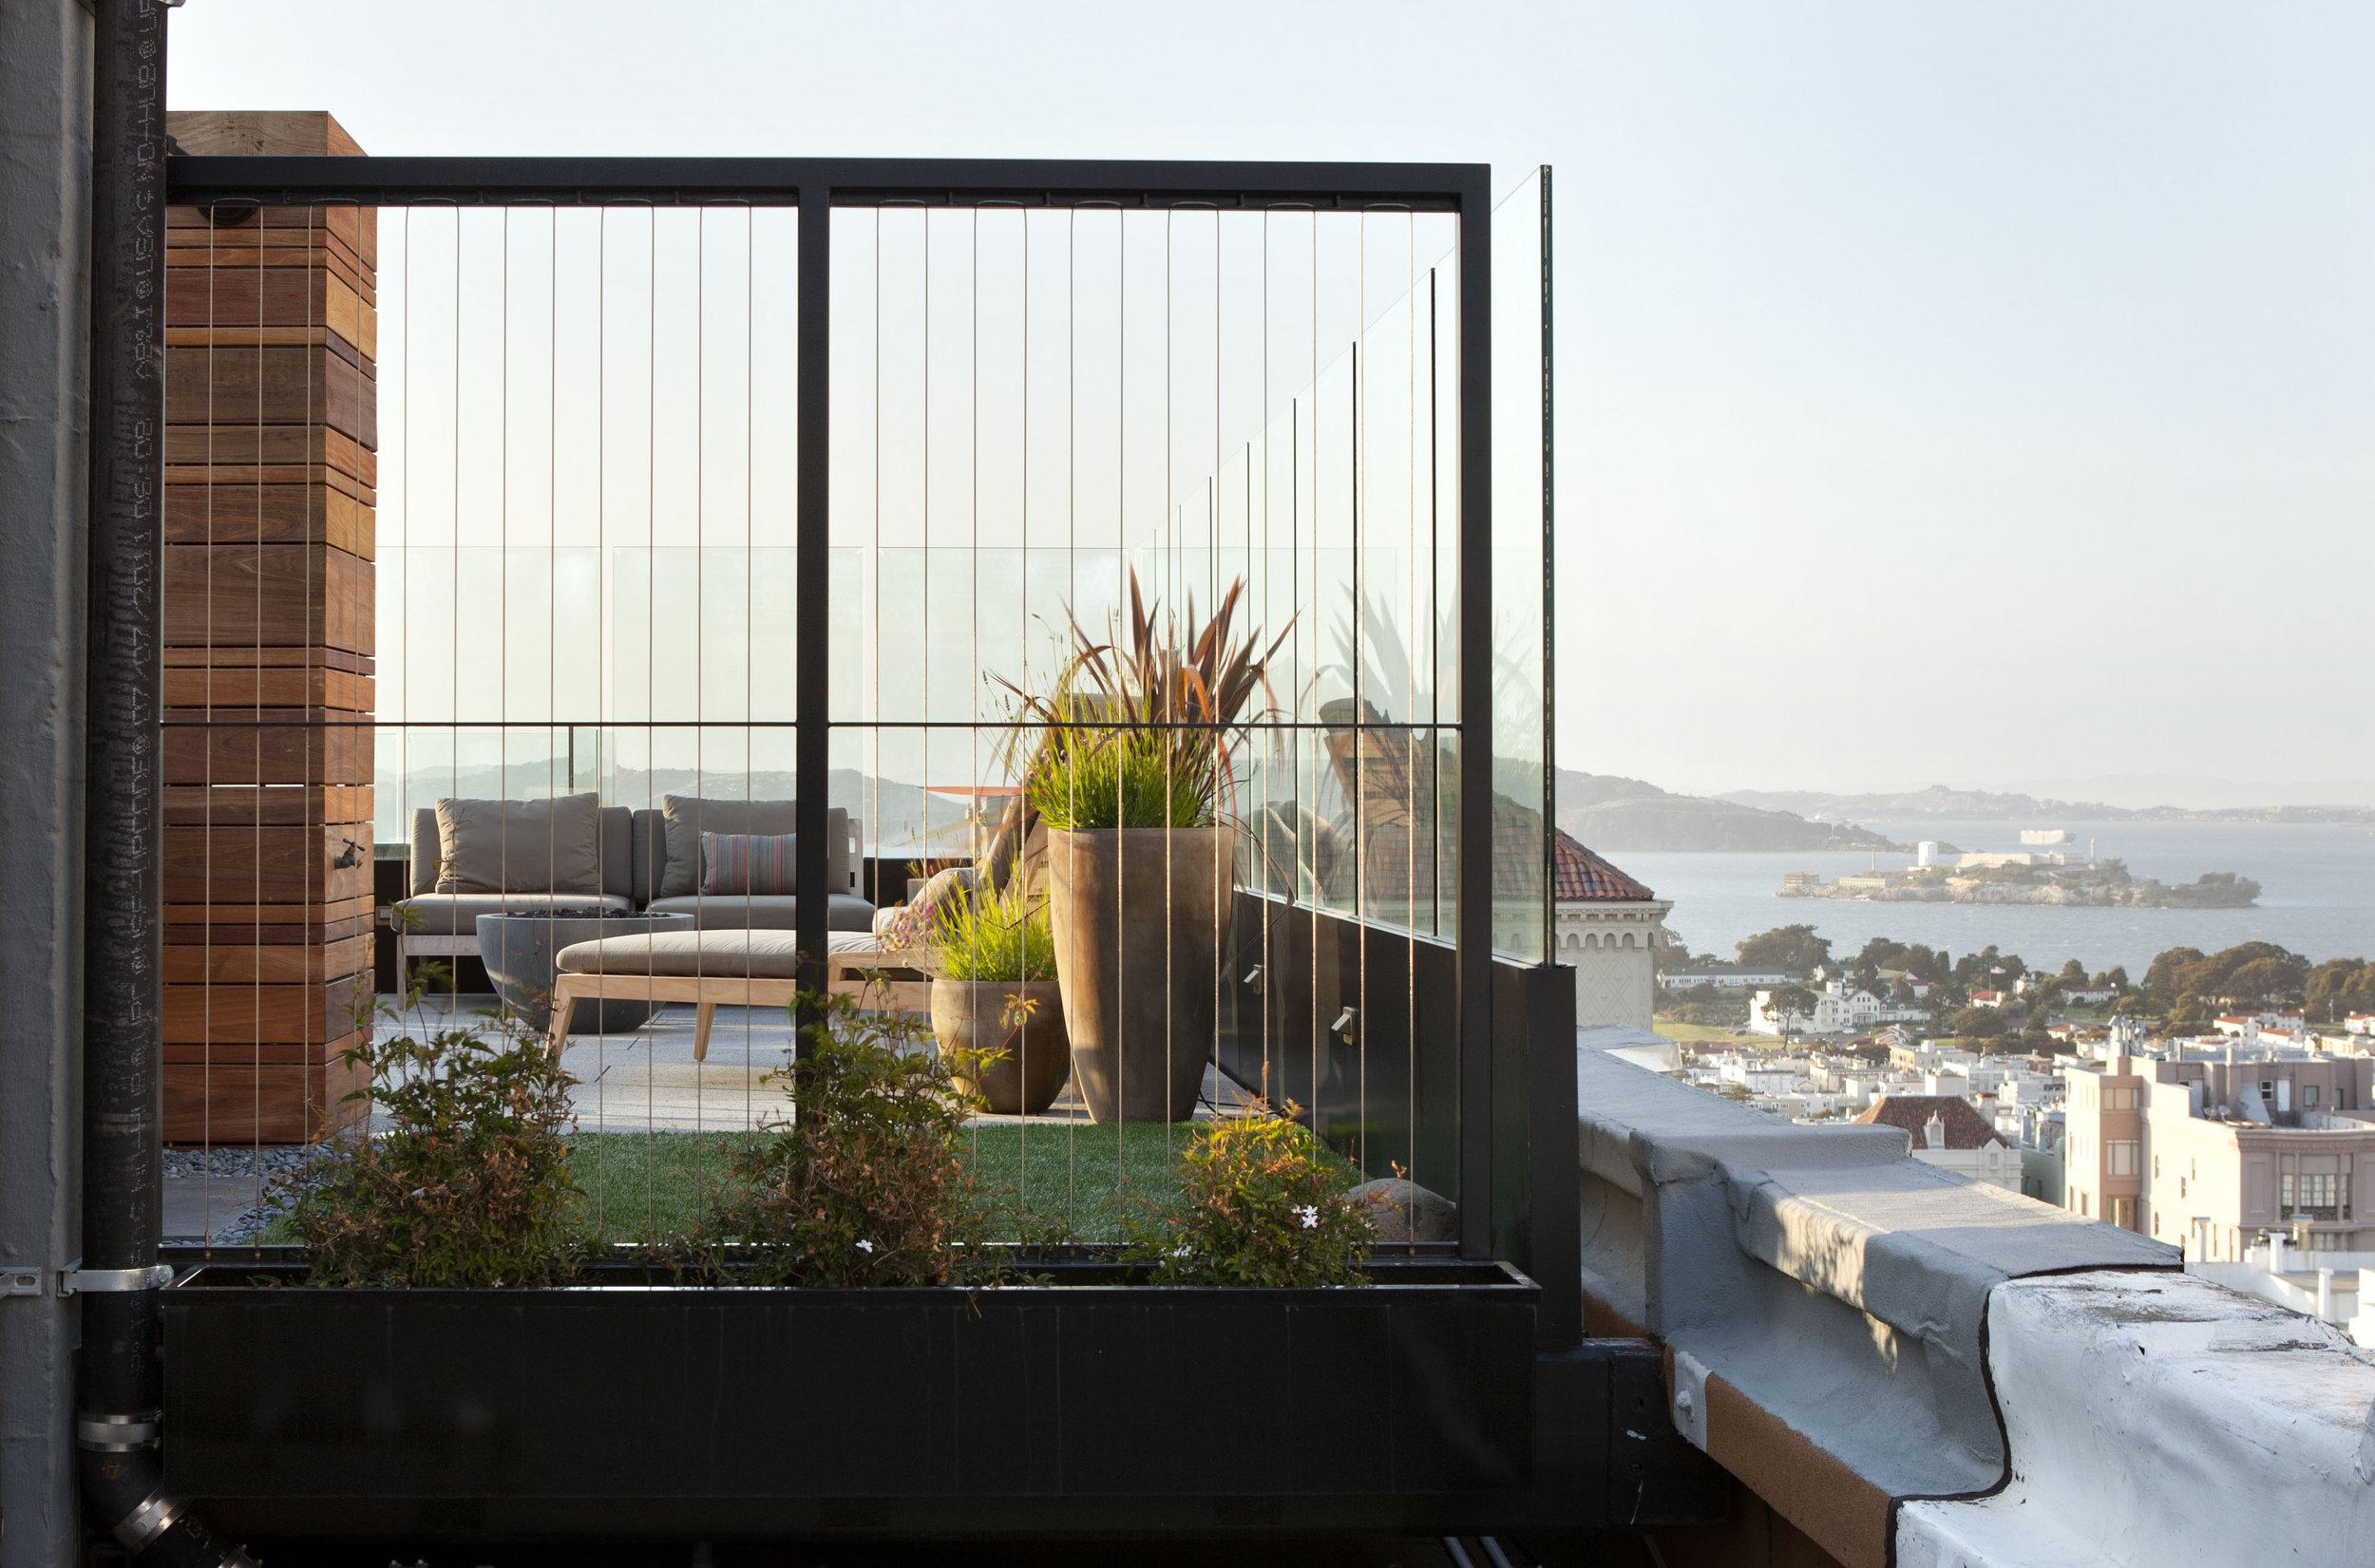 De Meza + Architecture